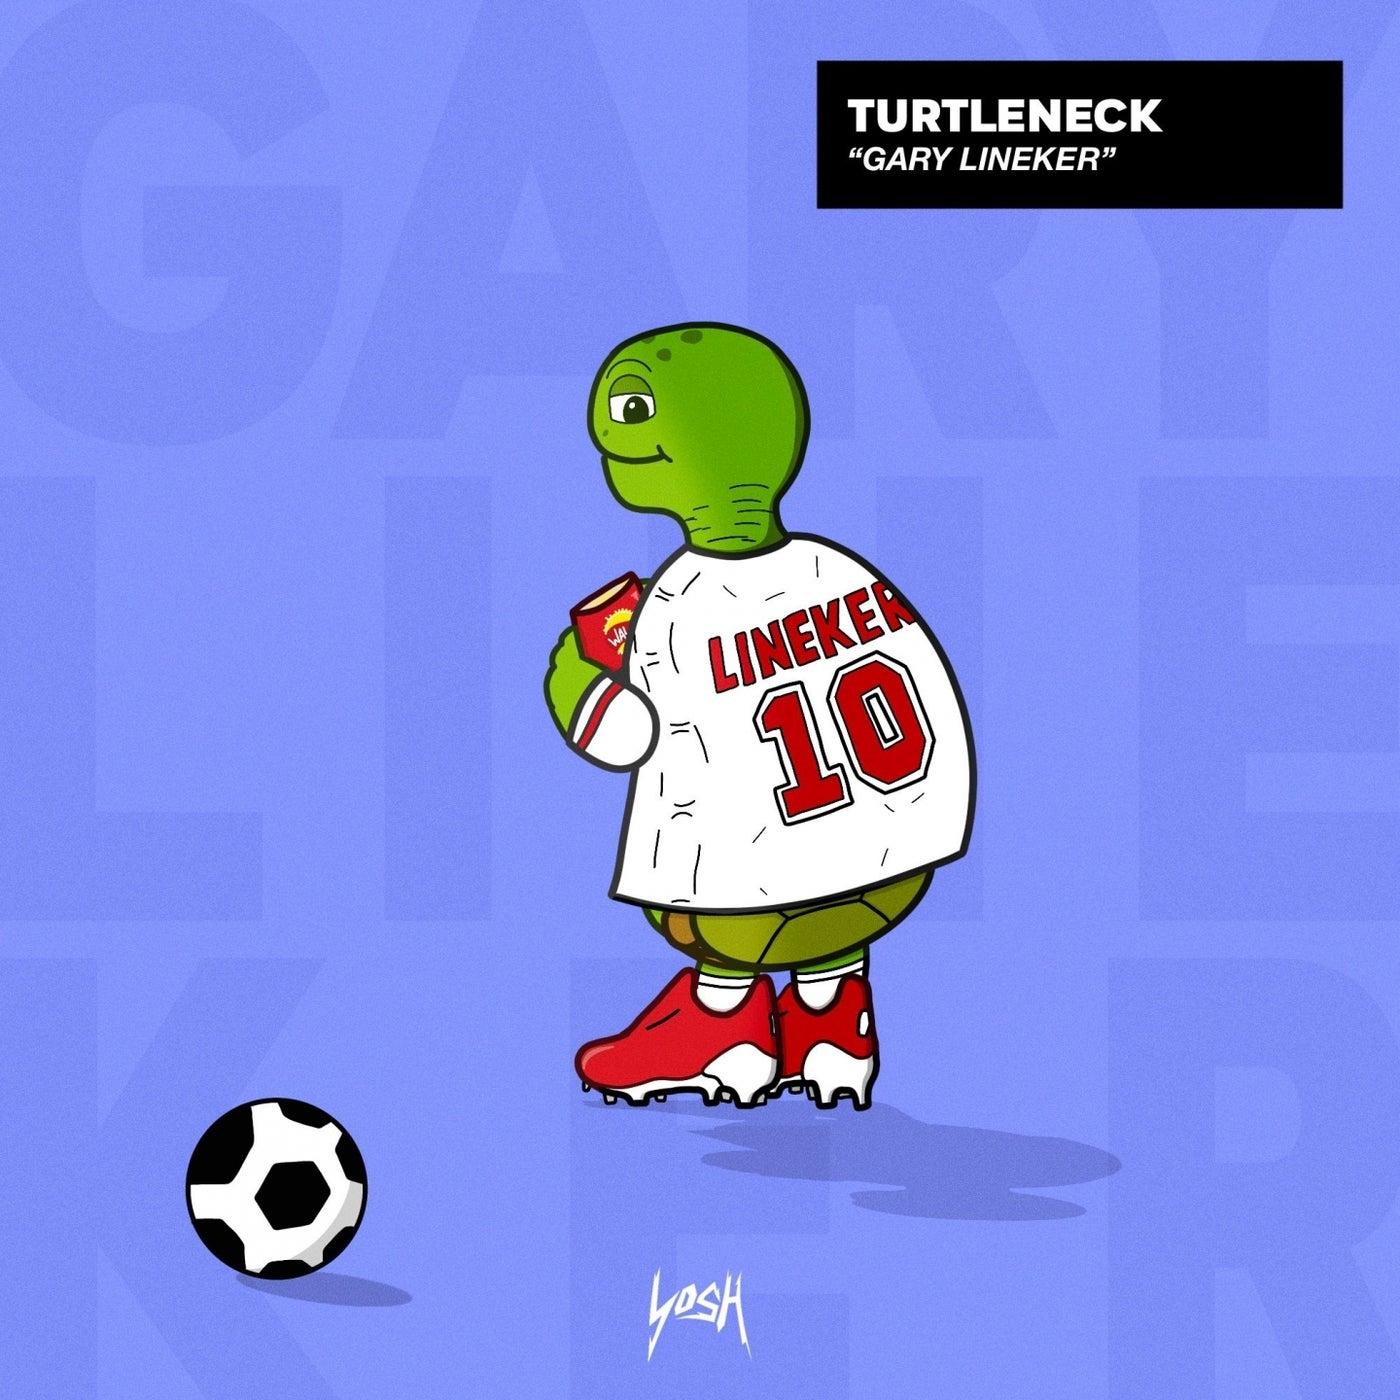 Gary Lineker (Original Mix)